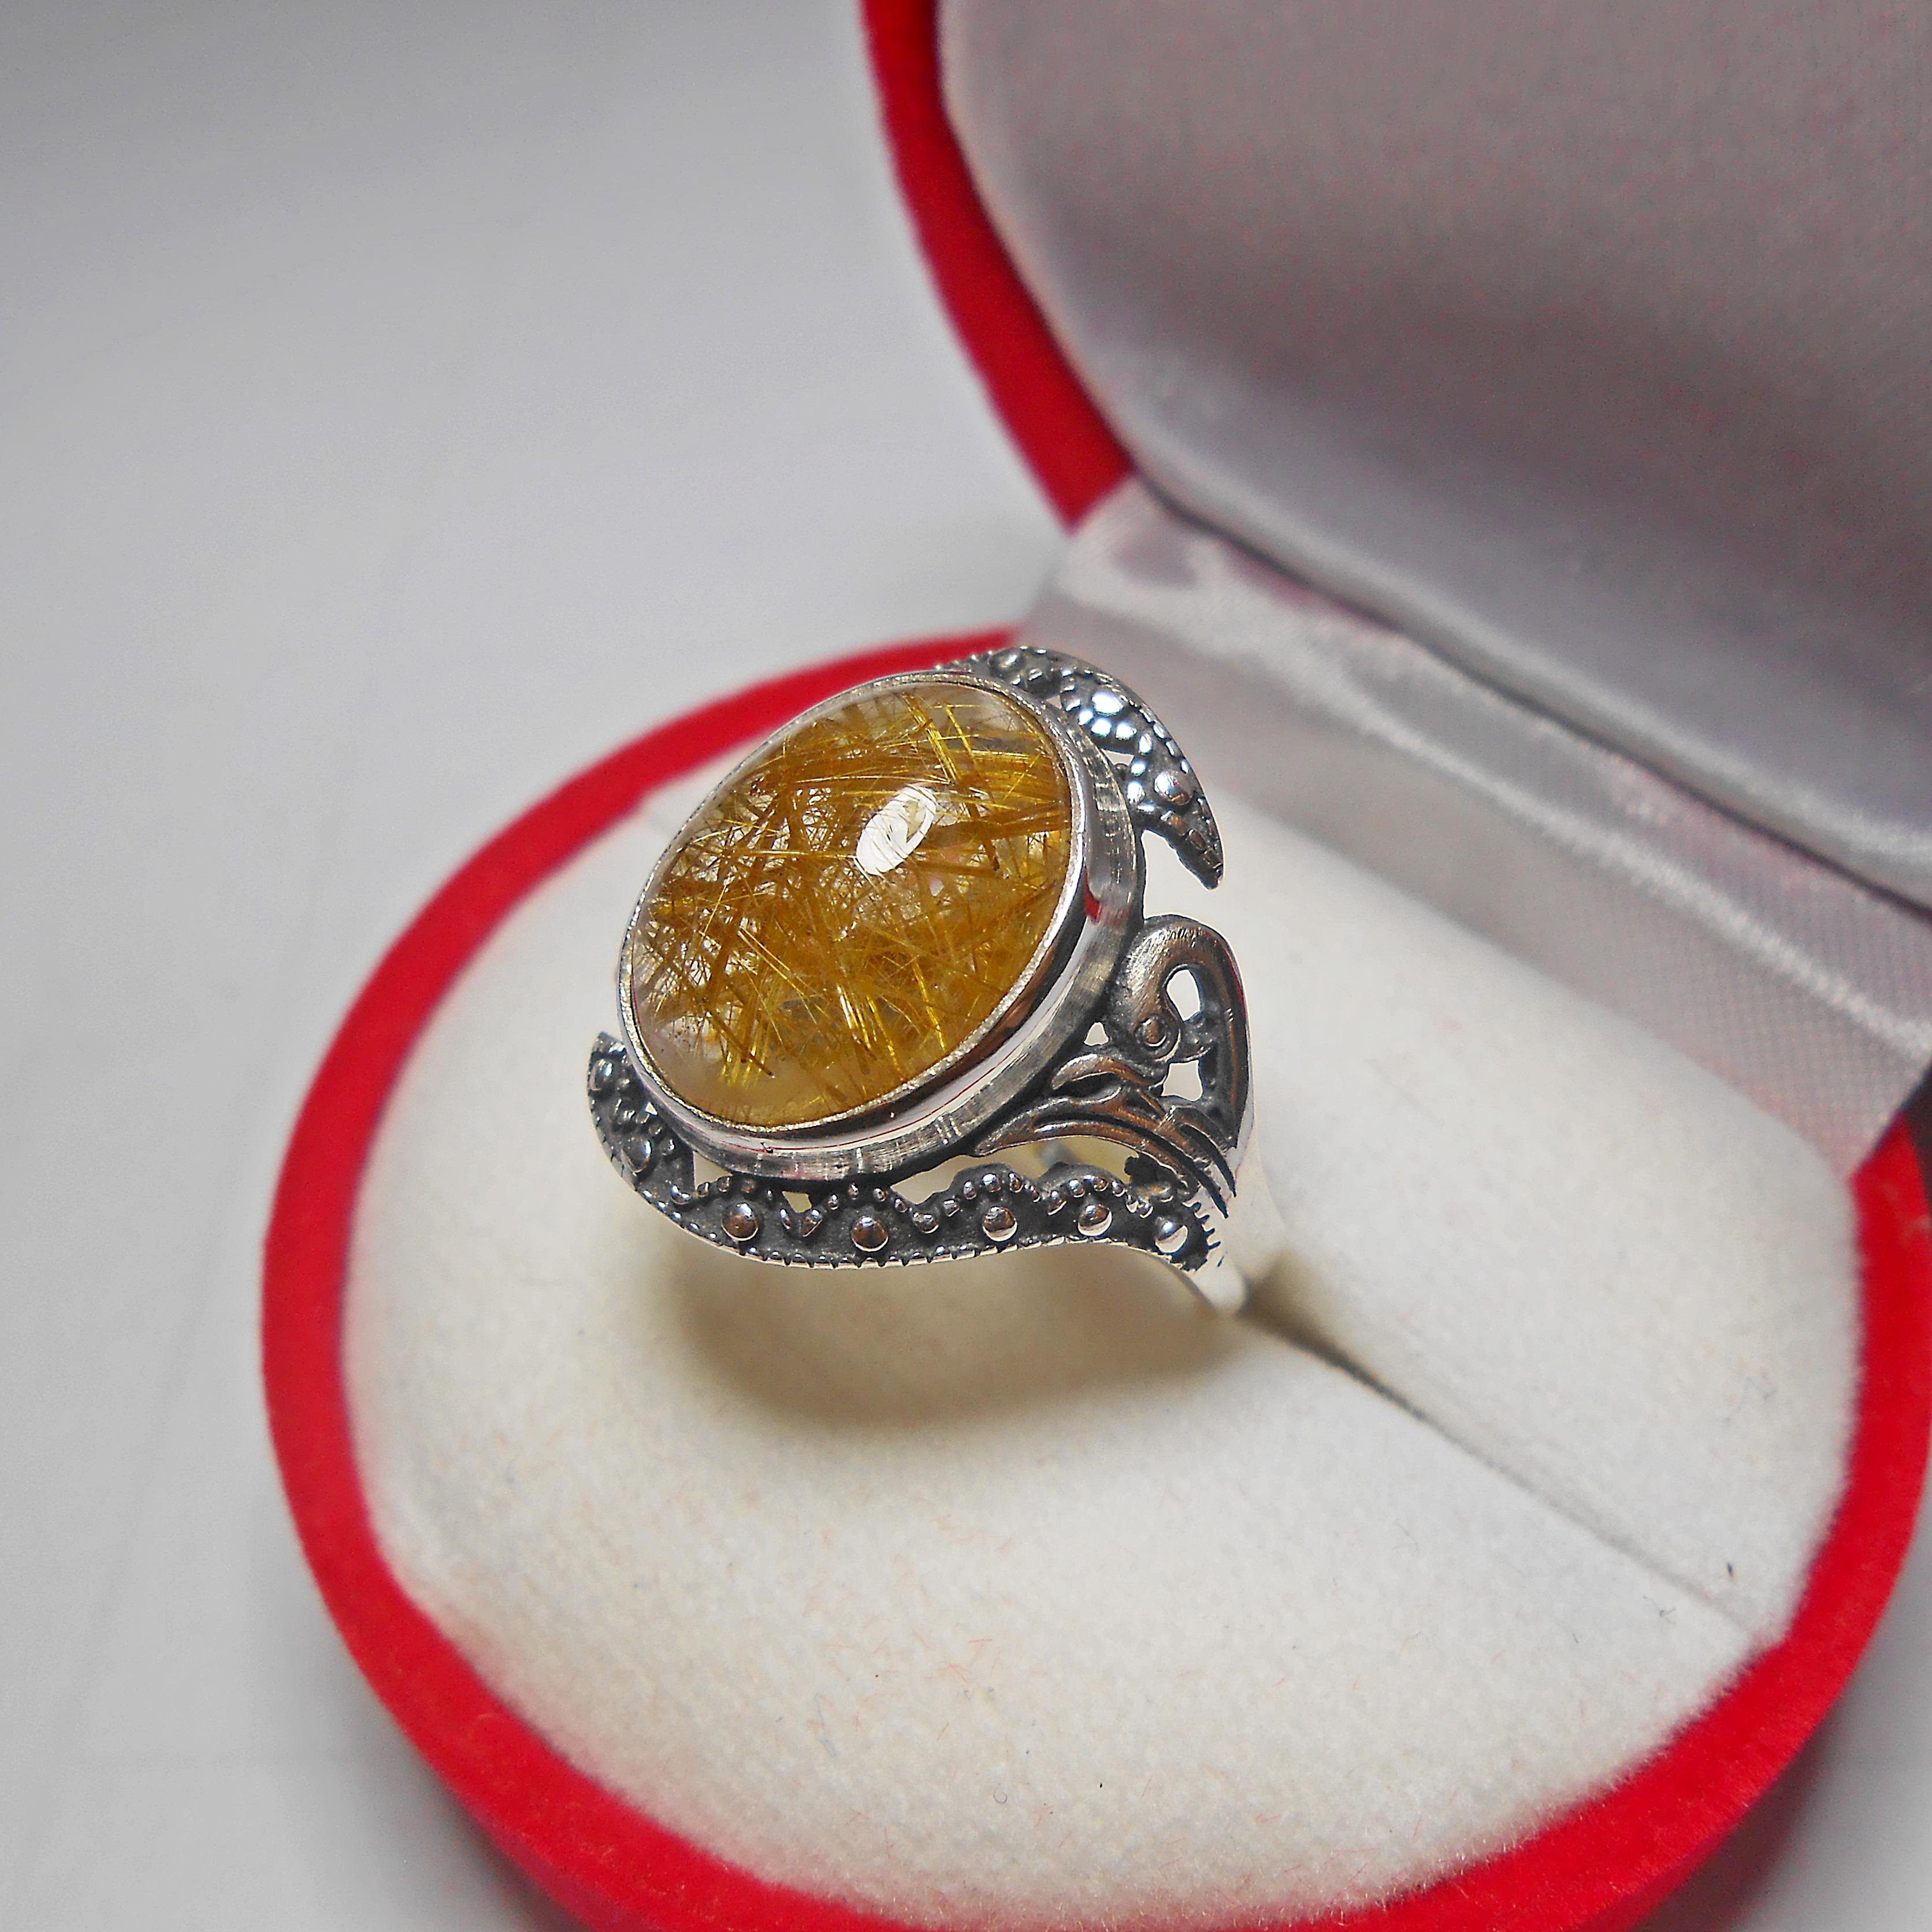 แหวน แก้วไหมทอง เกรด TOP น้ำงาม เส้นสวย